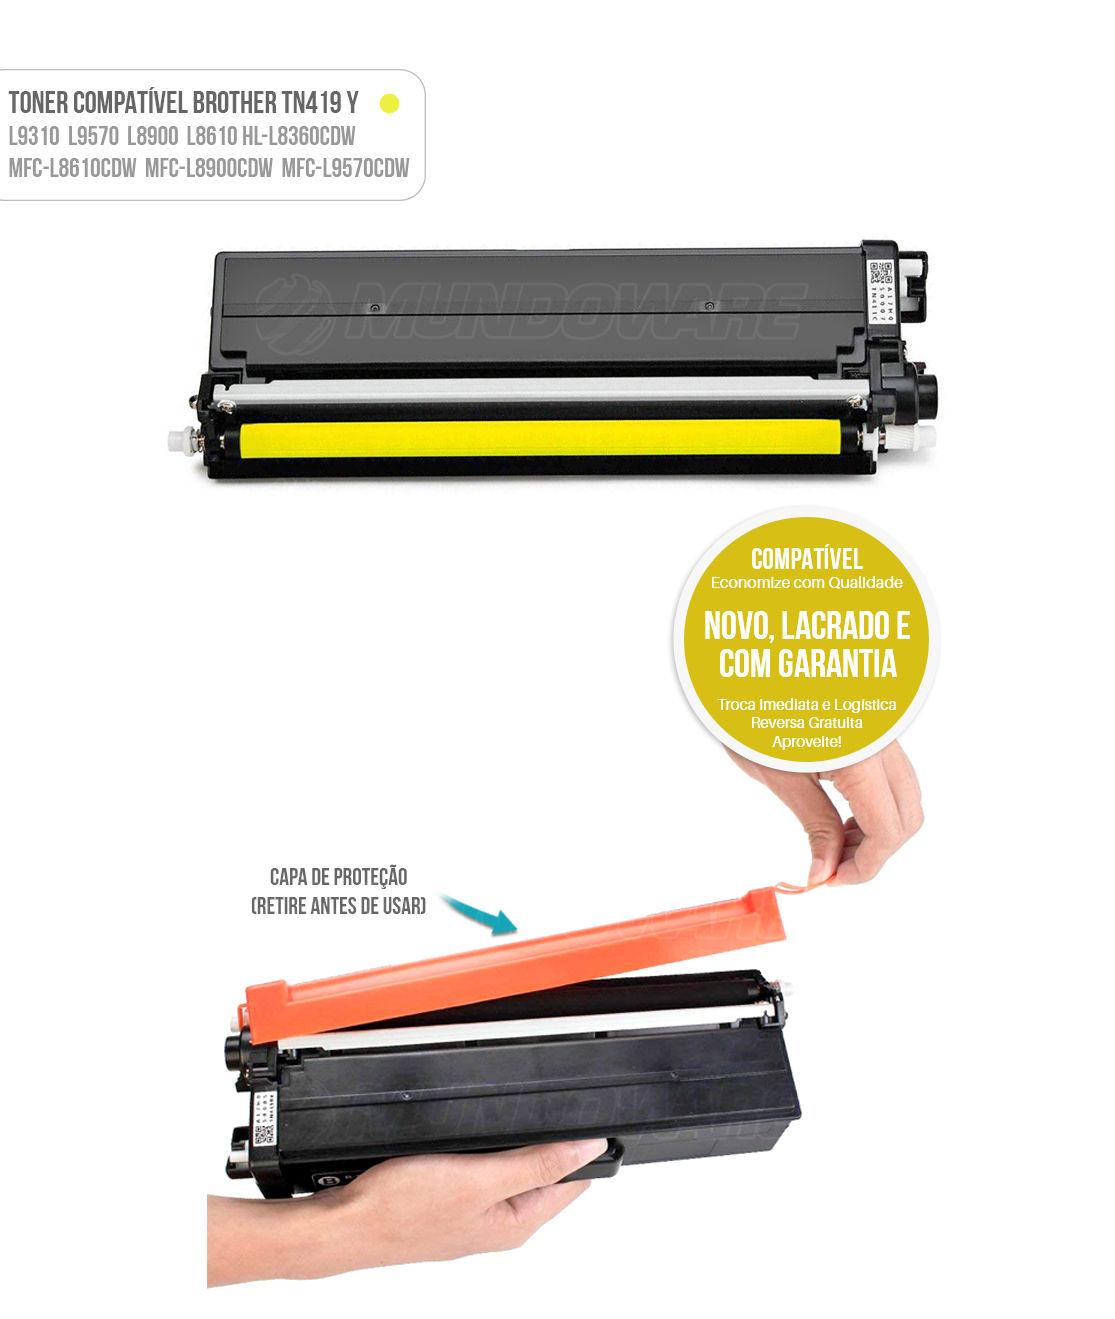 Toner Yellow Compatível com TN419 TN-419Y para impressora Brother HL-L8360CDW MFC-L8610CDW L8900CDW L9570CDW L8360 L8610 L8900